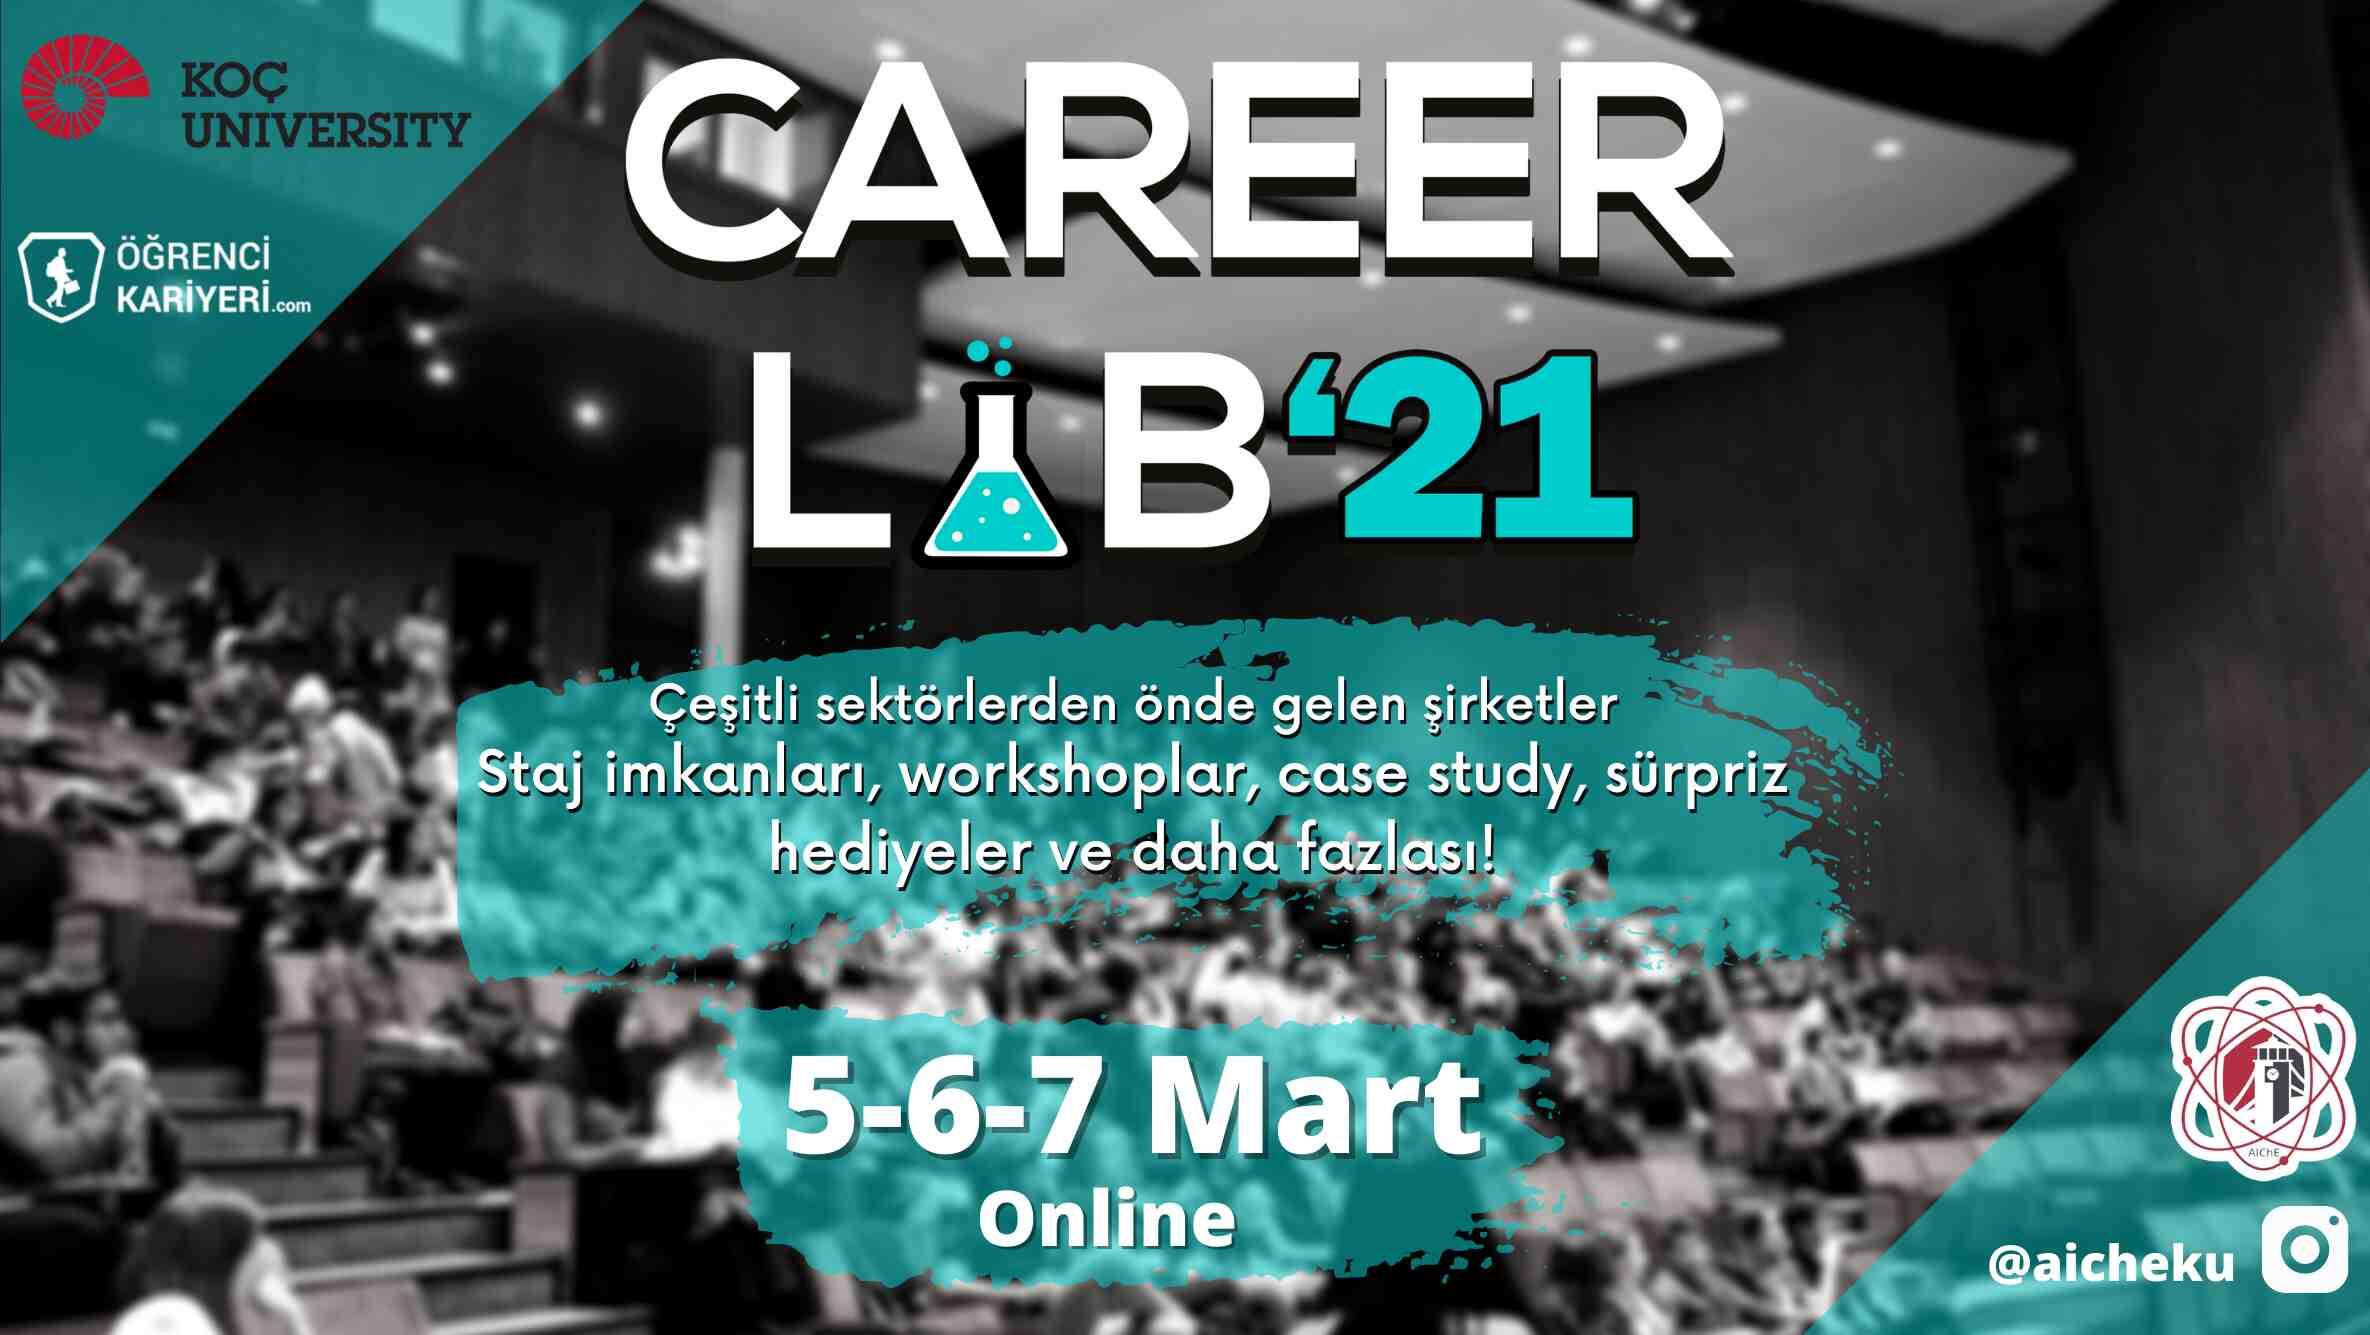 Koç AICHE Career Lab'21 Başlıyor!